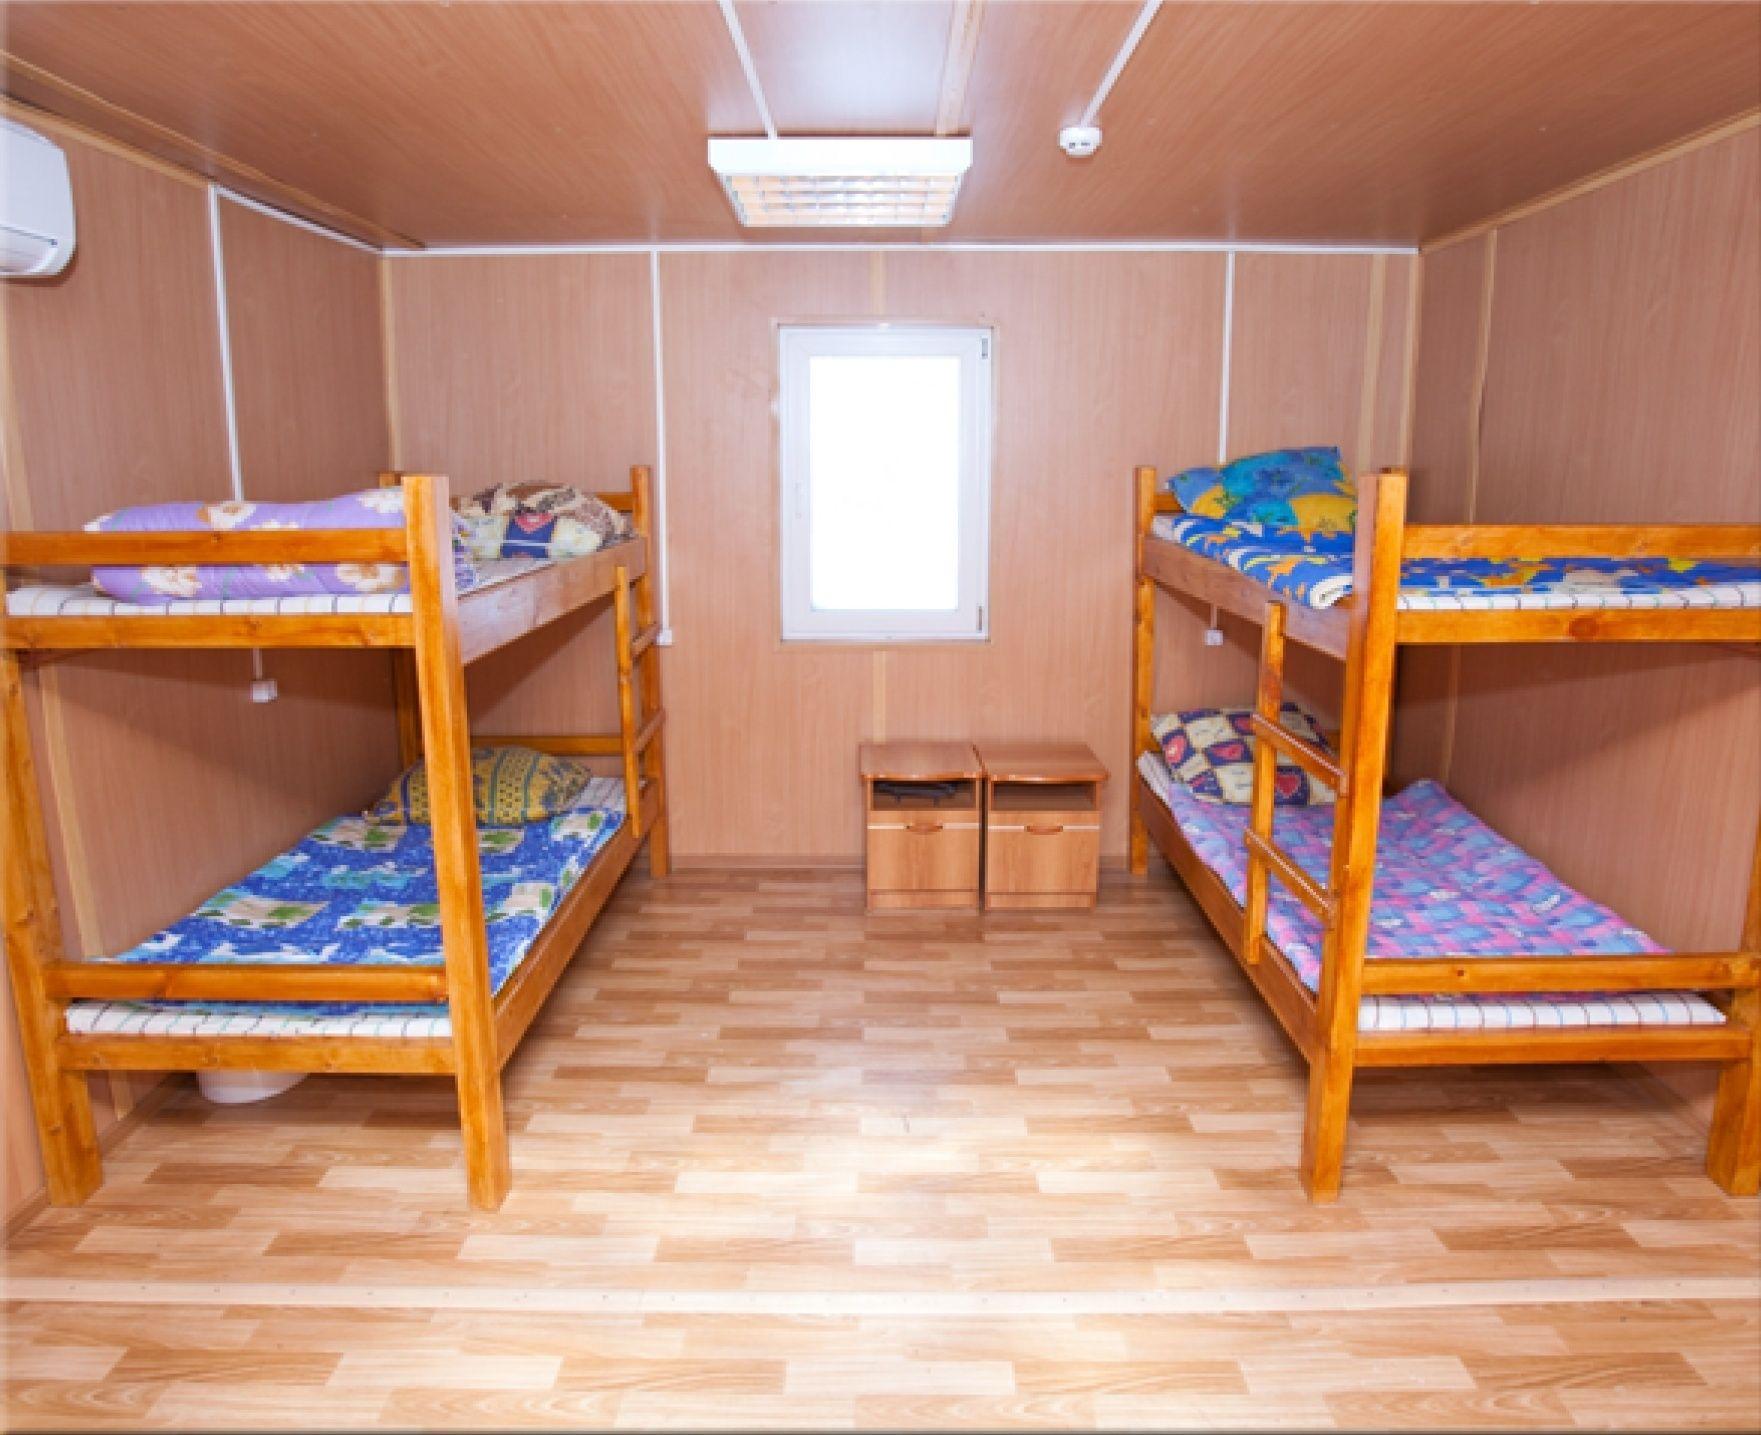 База отдыха «Рыболов-профи» Ханты-Мансийский автономный округ (Югра) Стандарт, фото 1